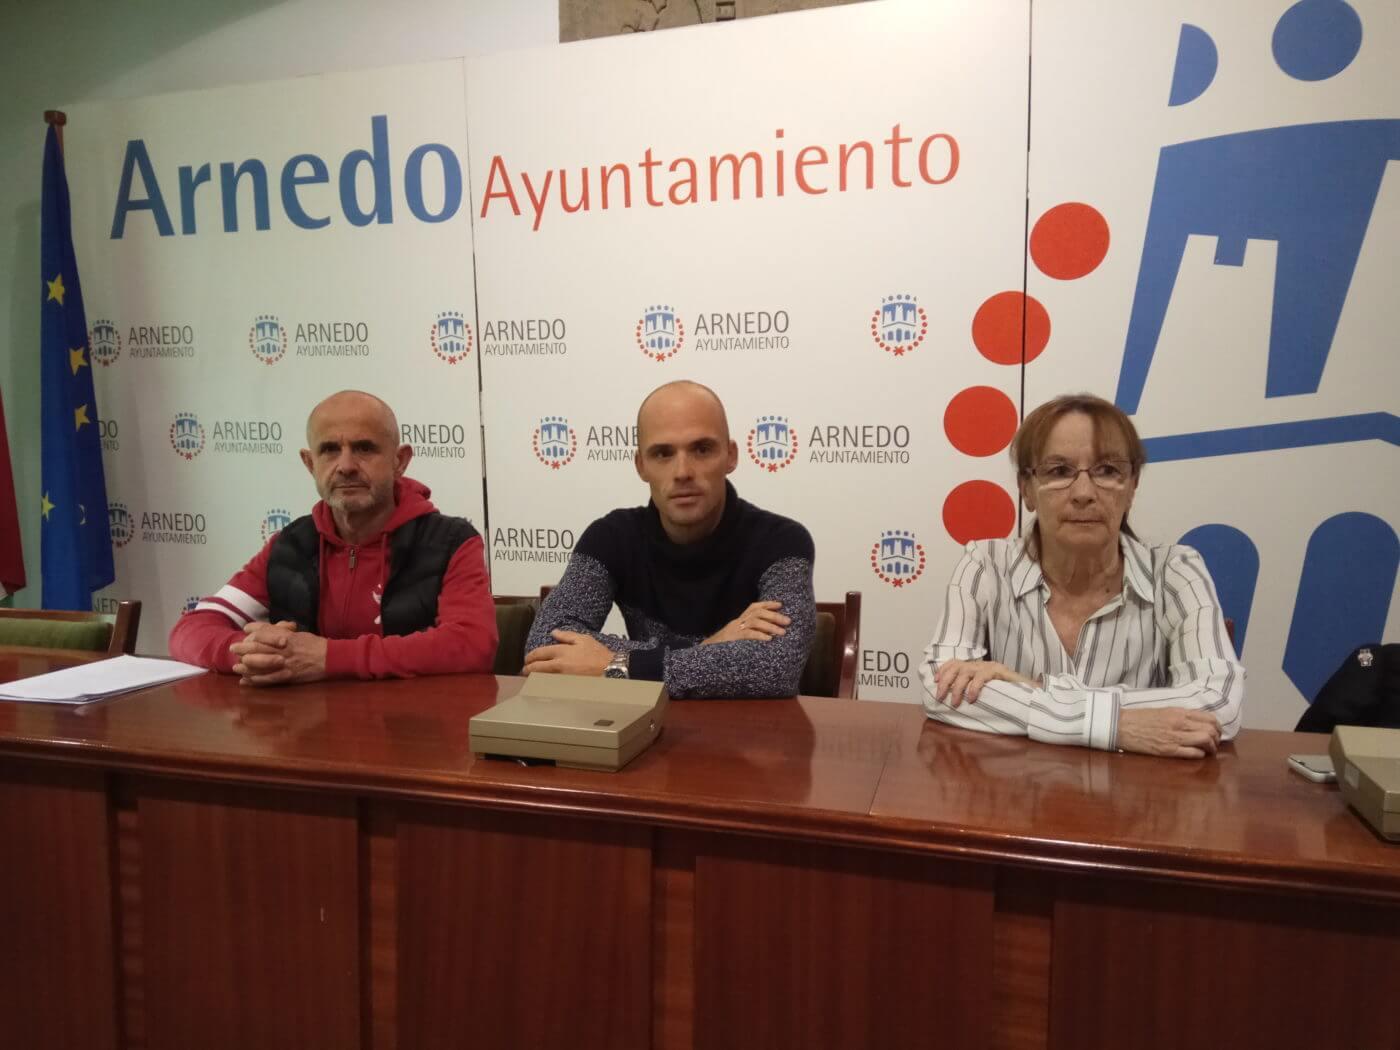 La gala de la Federación Riojana de Ciclismo reconocerá el día 13 en Arnedo a 101 ciclistas